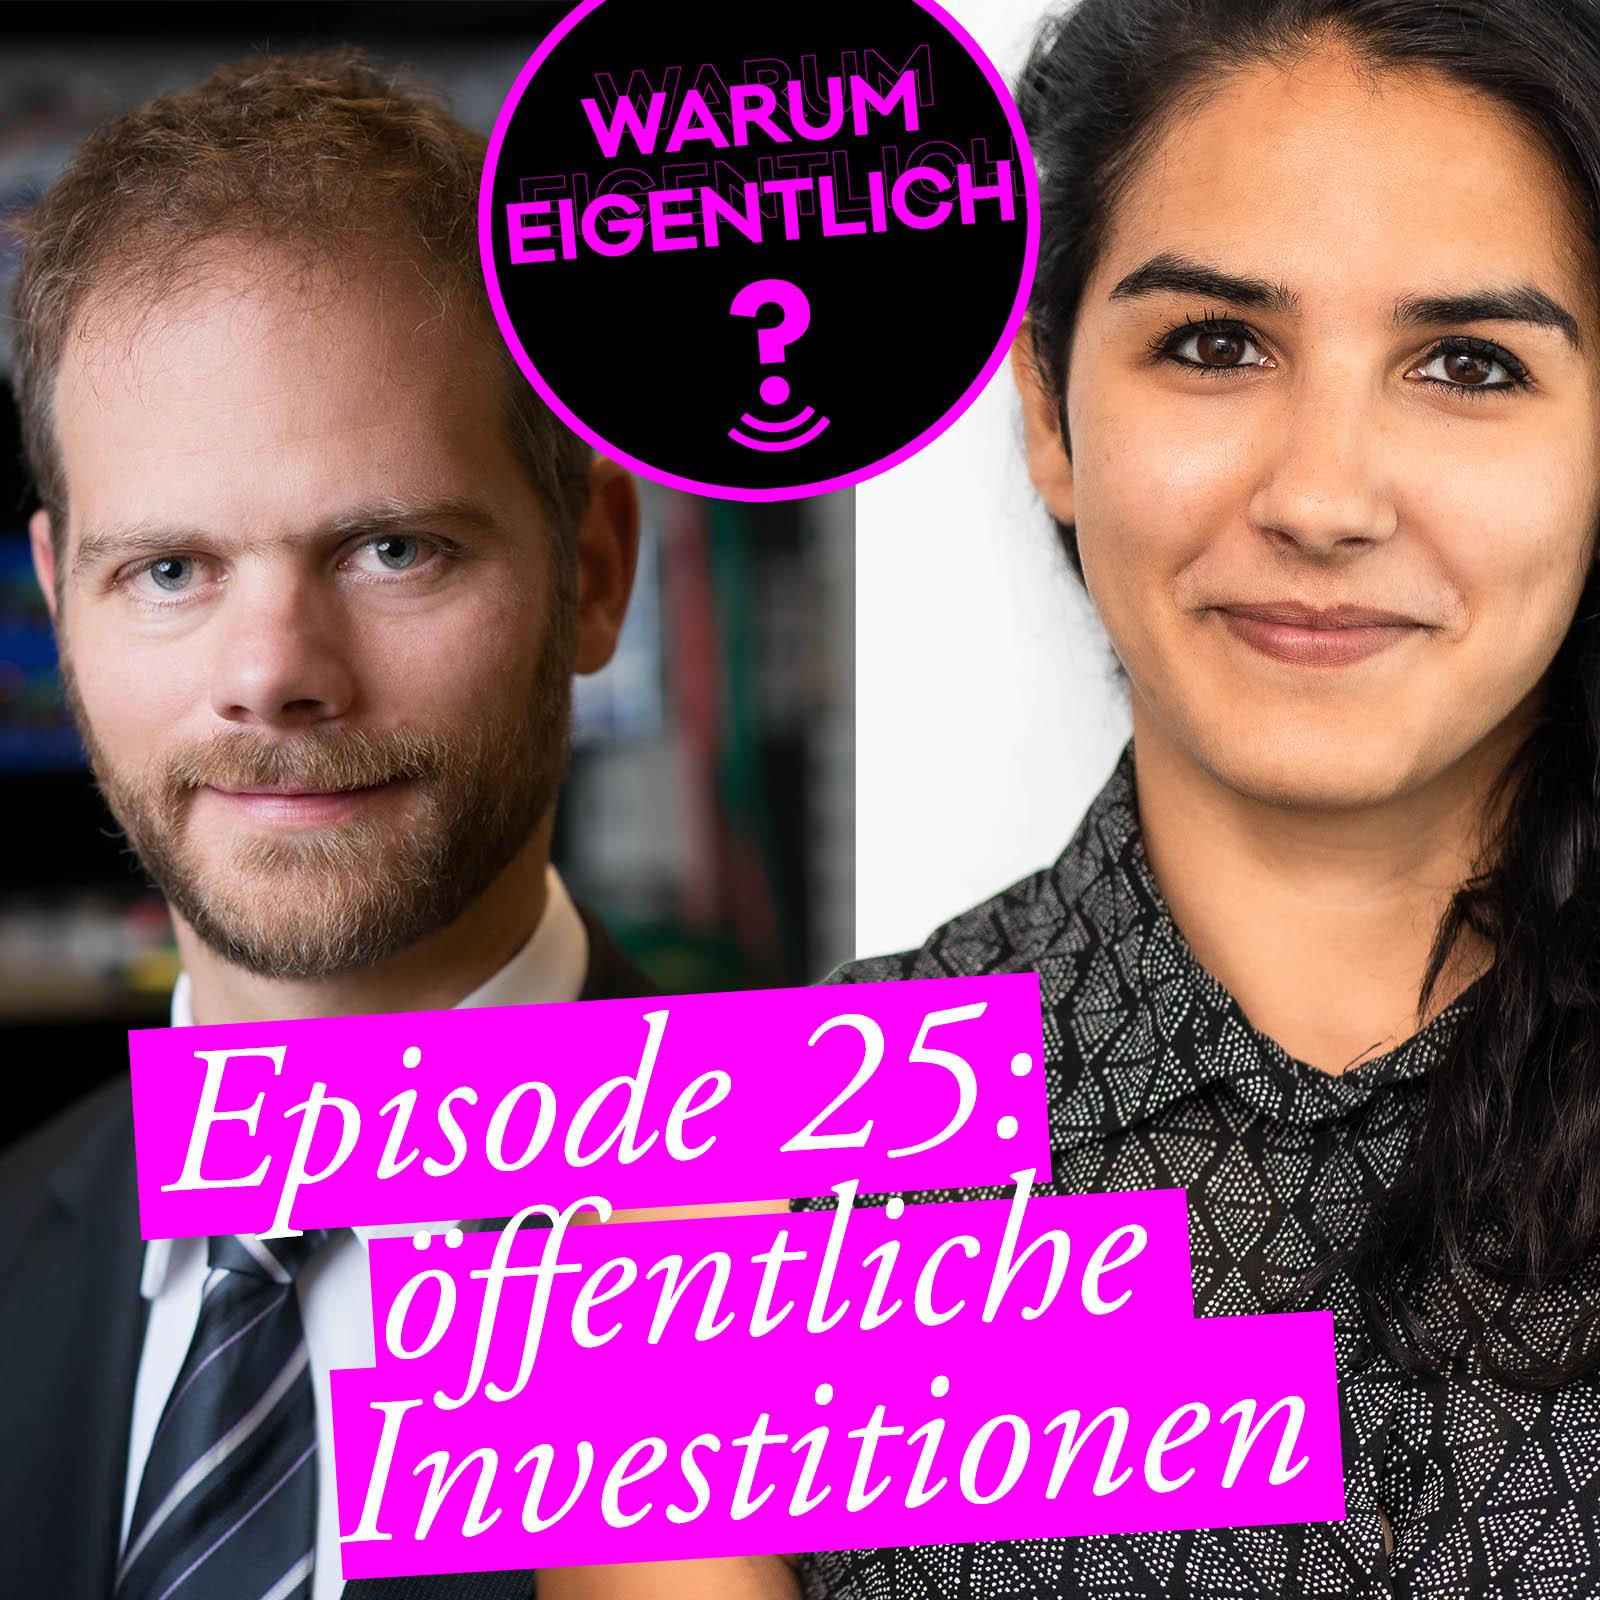 Warum eigentlich sind öffentliche Investitionen so wichtig für uns? Sara Hassen im Gespräch mit Klemens Himpele